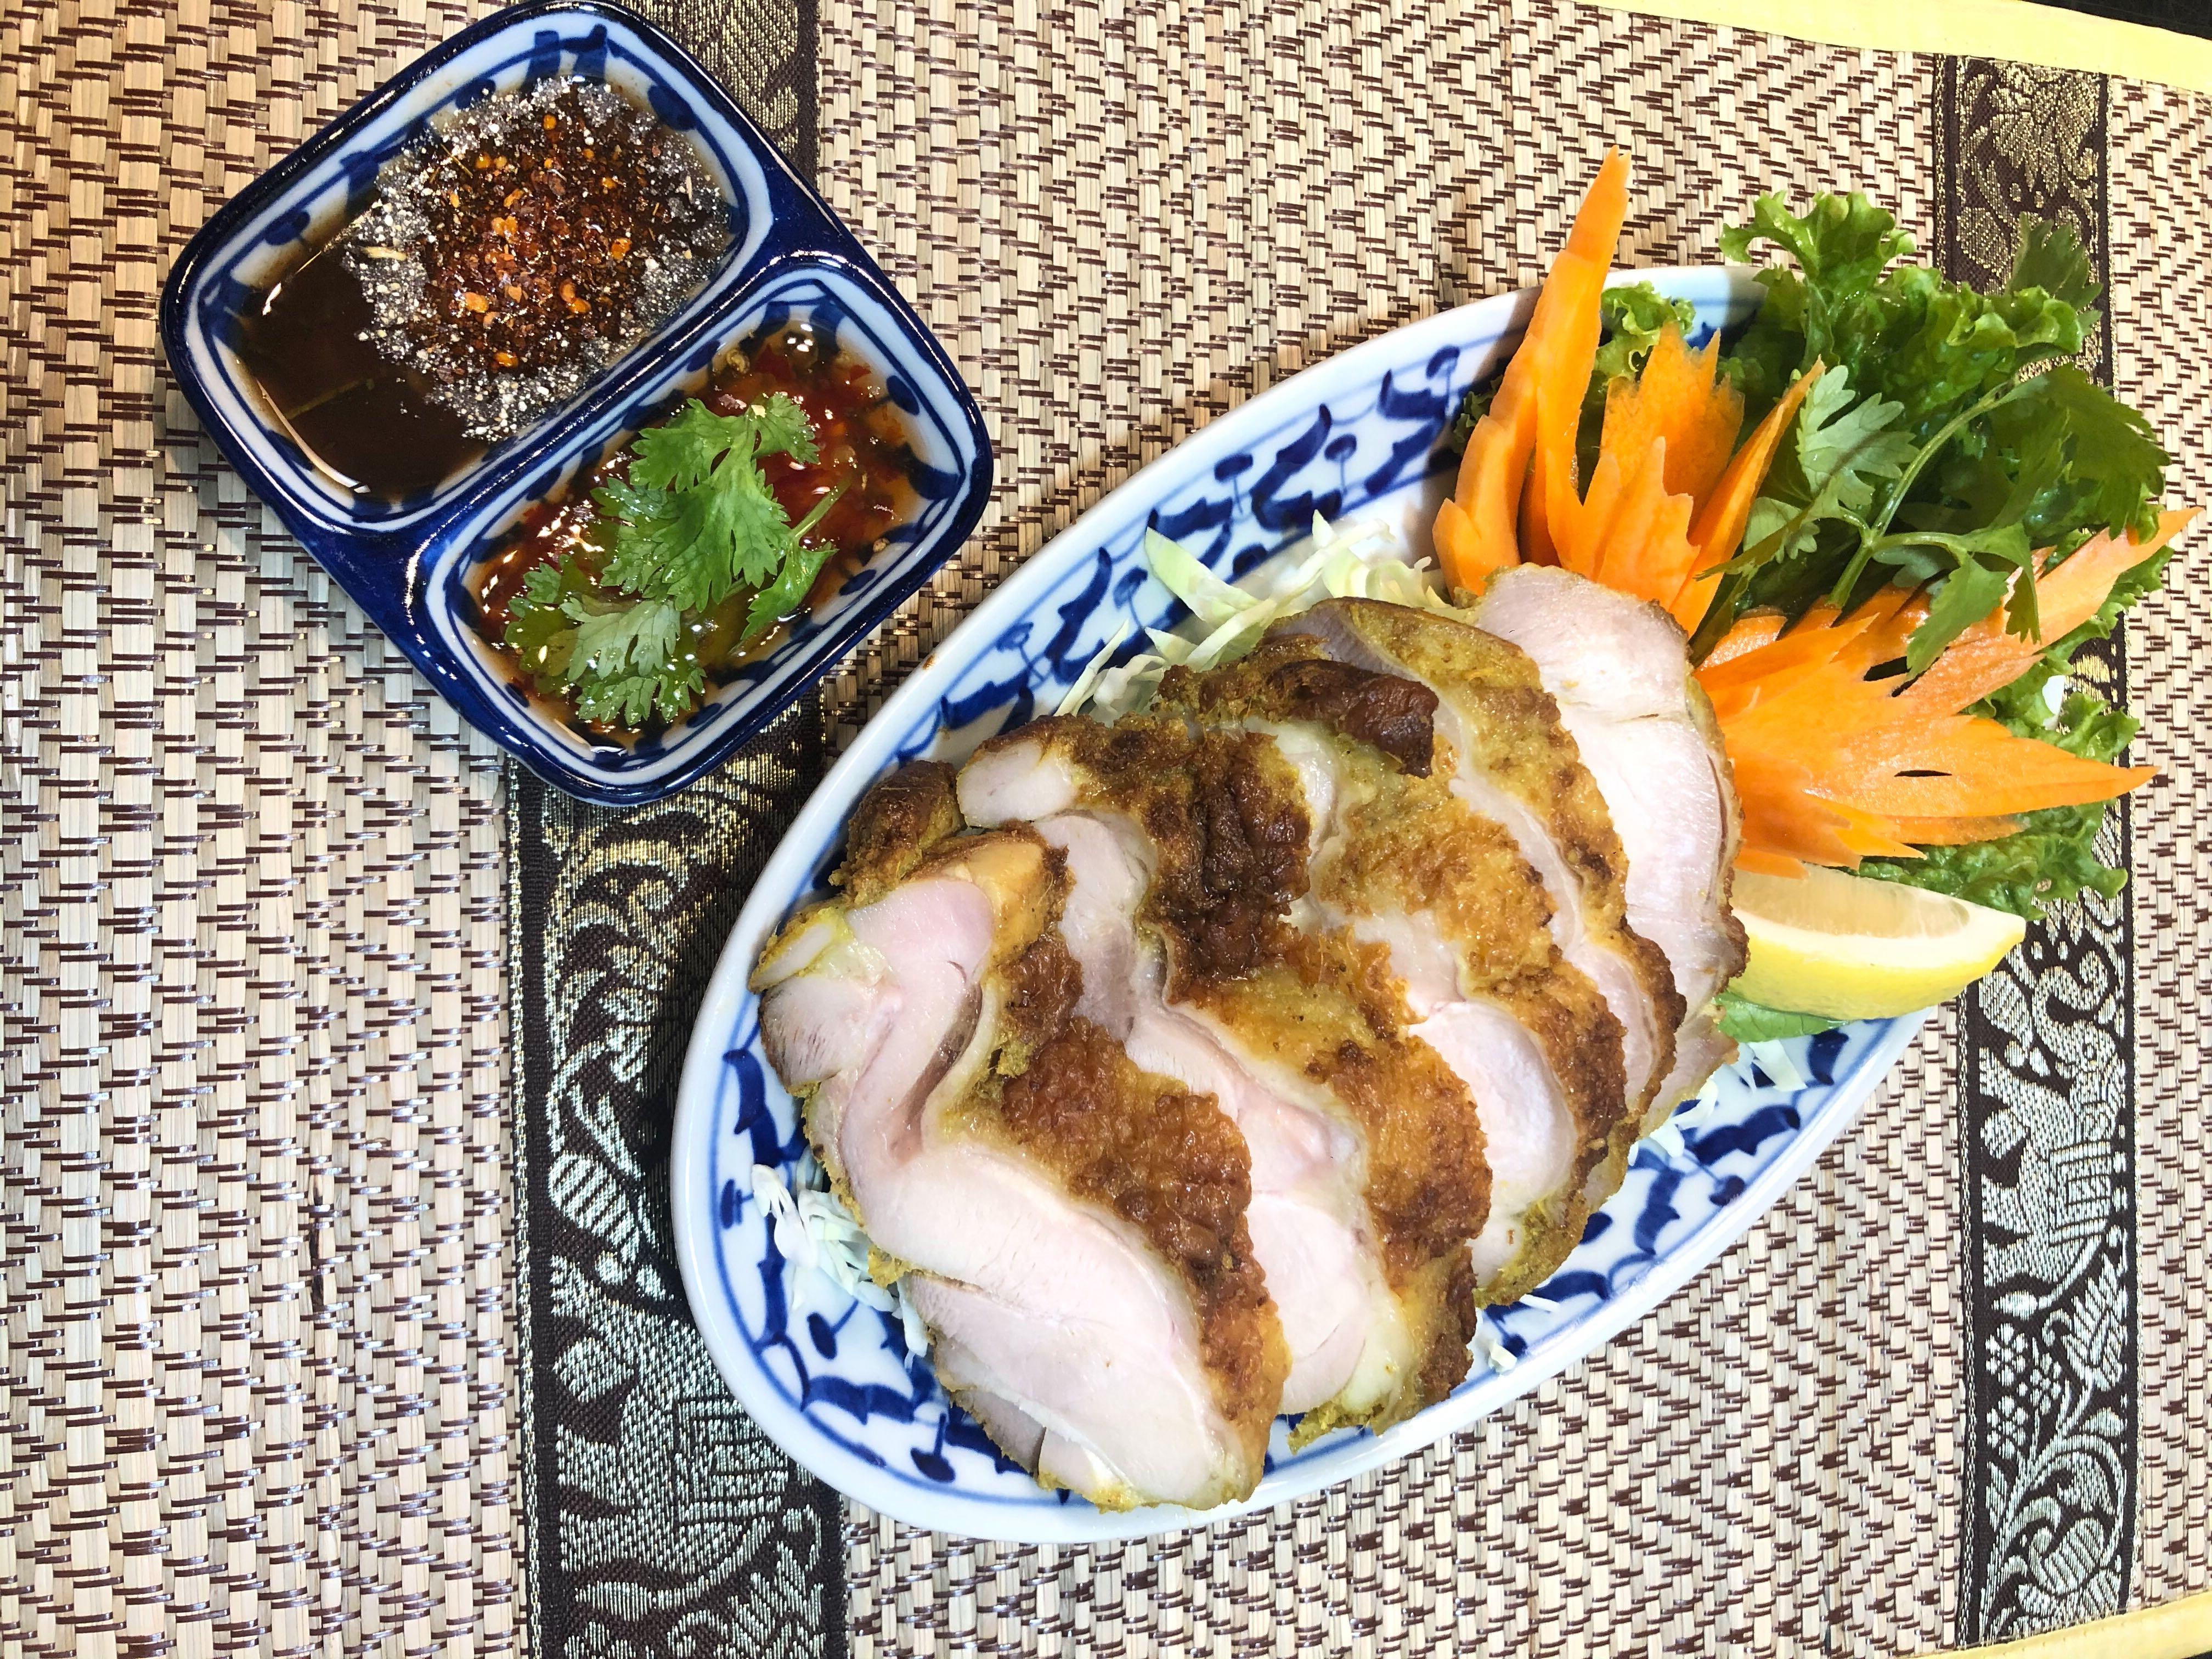 ガイヤーン(鶏もも肉のソテー)